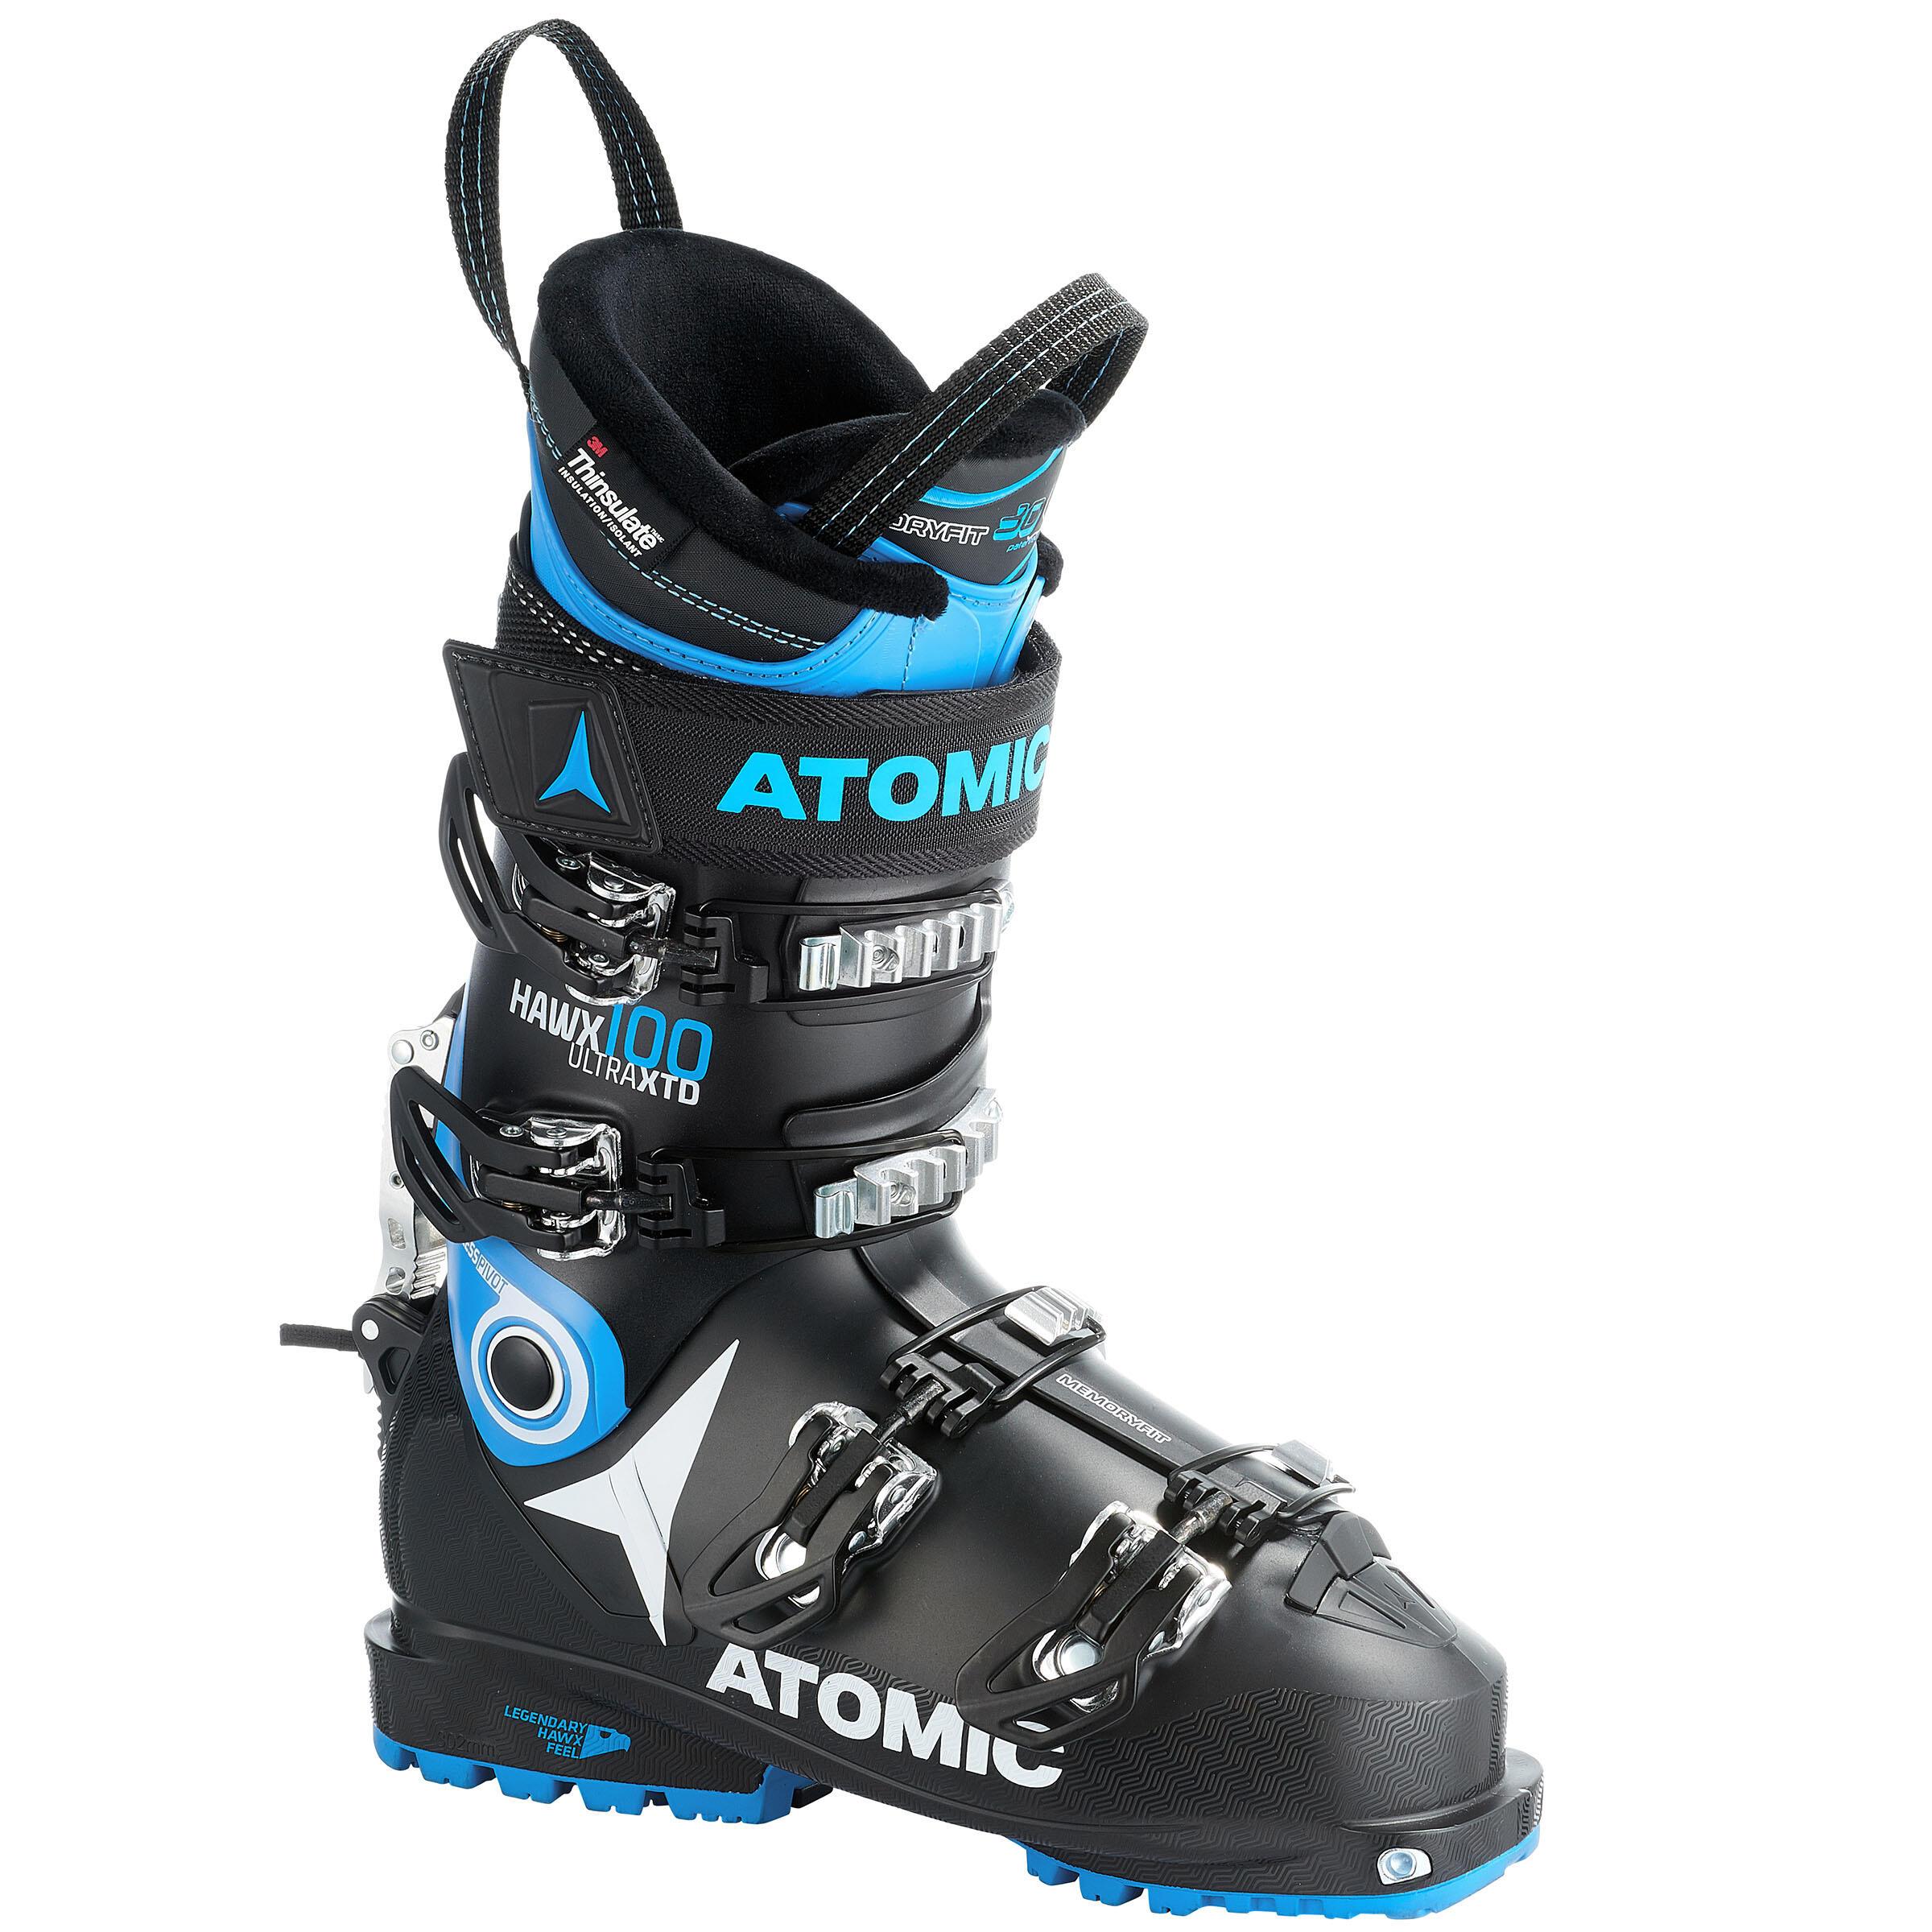 c7acf31df38 Atomic Skischoenen Freeride toerskiën heren Hawx XTD 100 blauw